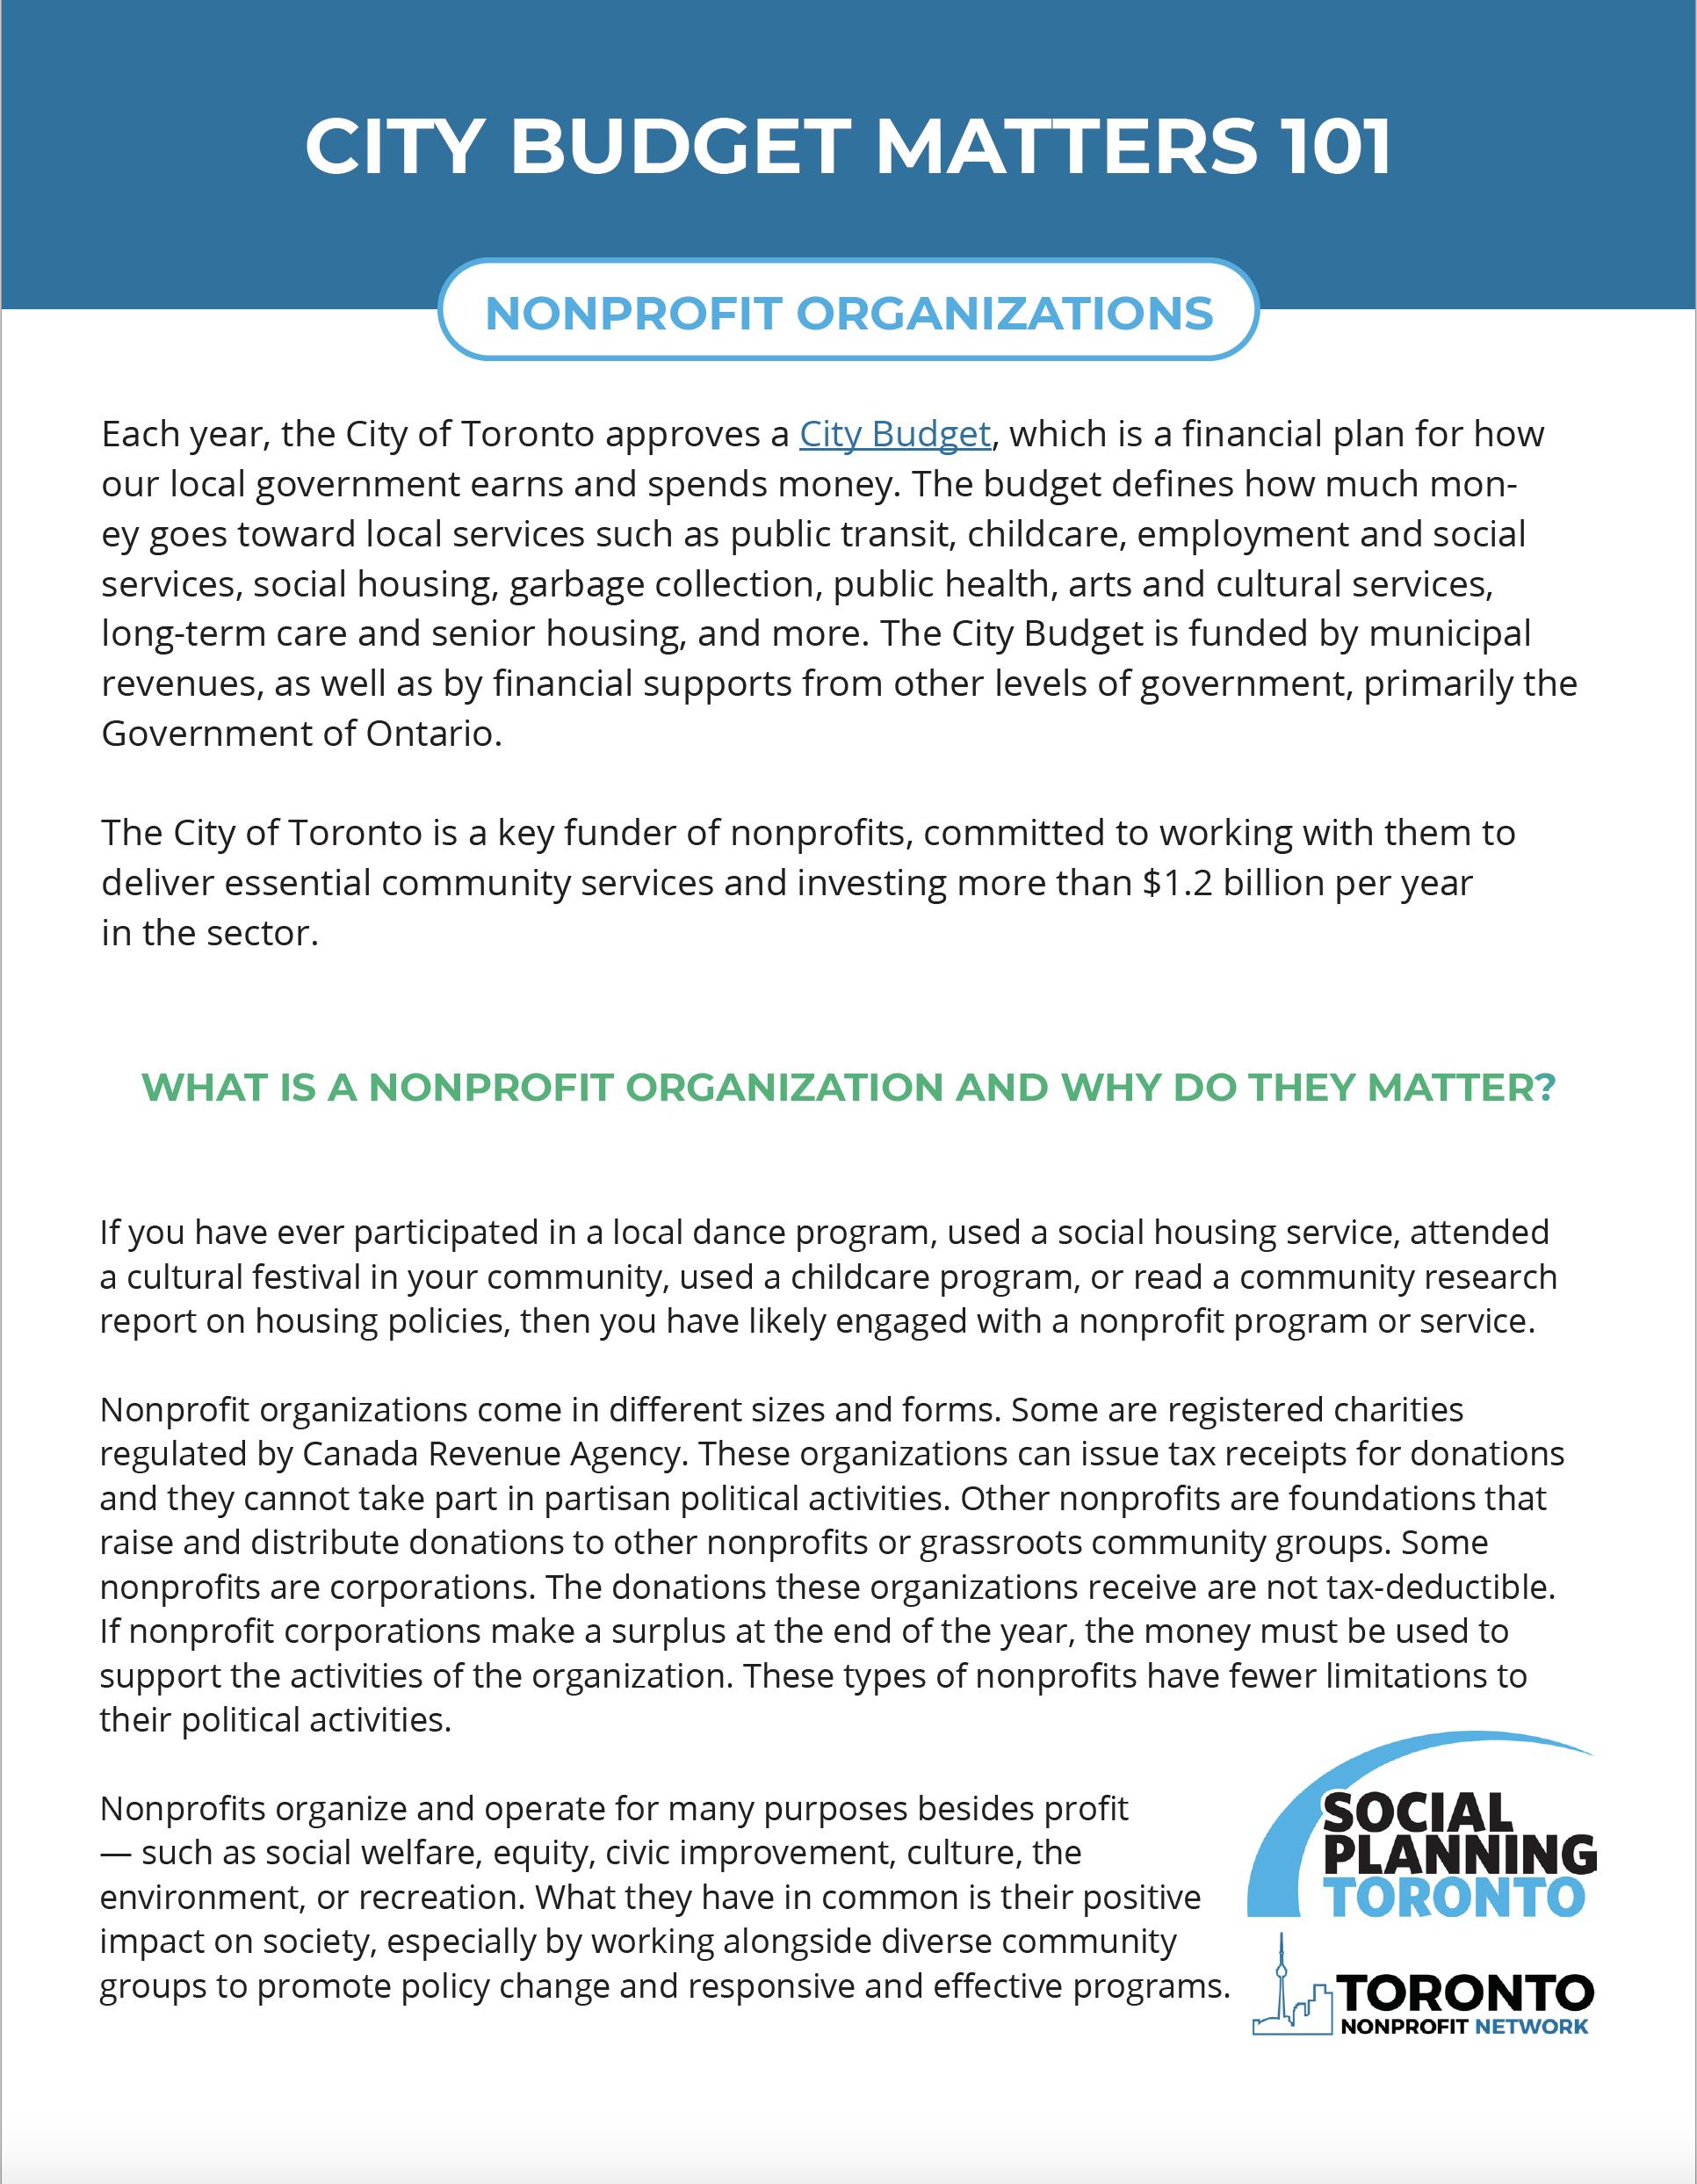 CBM_101_nonprofits.png